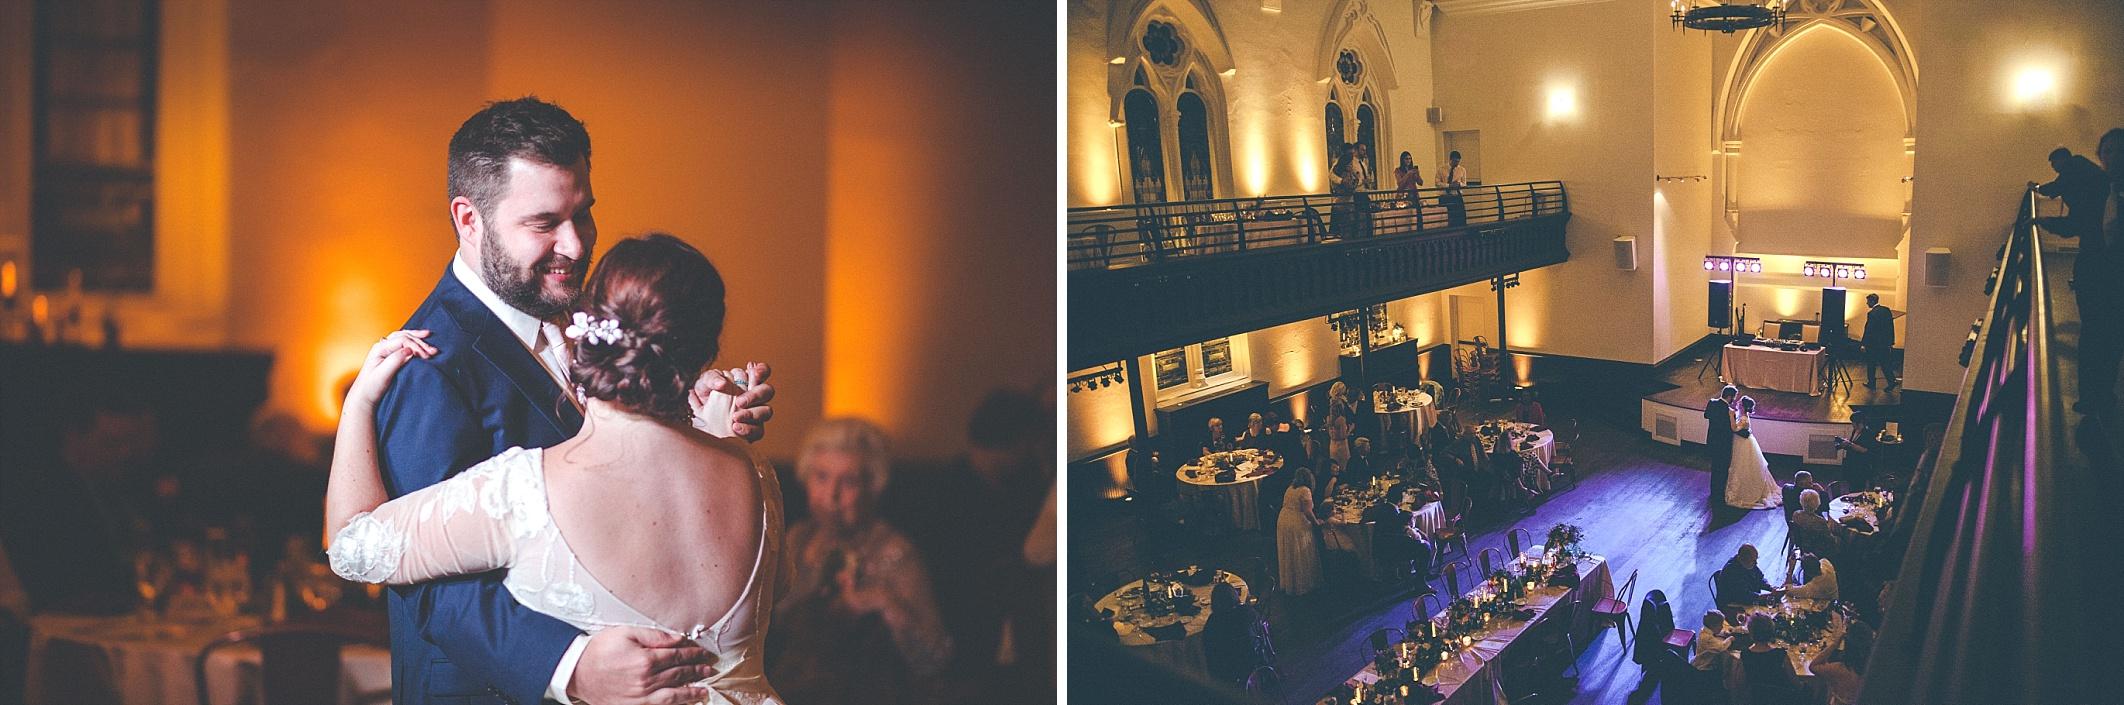 hilary-aaron-cincinnati-trancept-wedding-photographer-dayton-ohio_0053.jpg